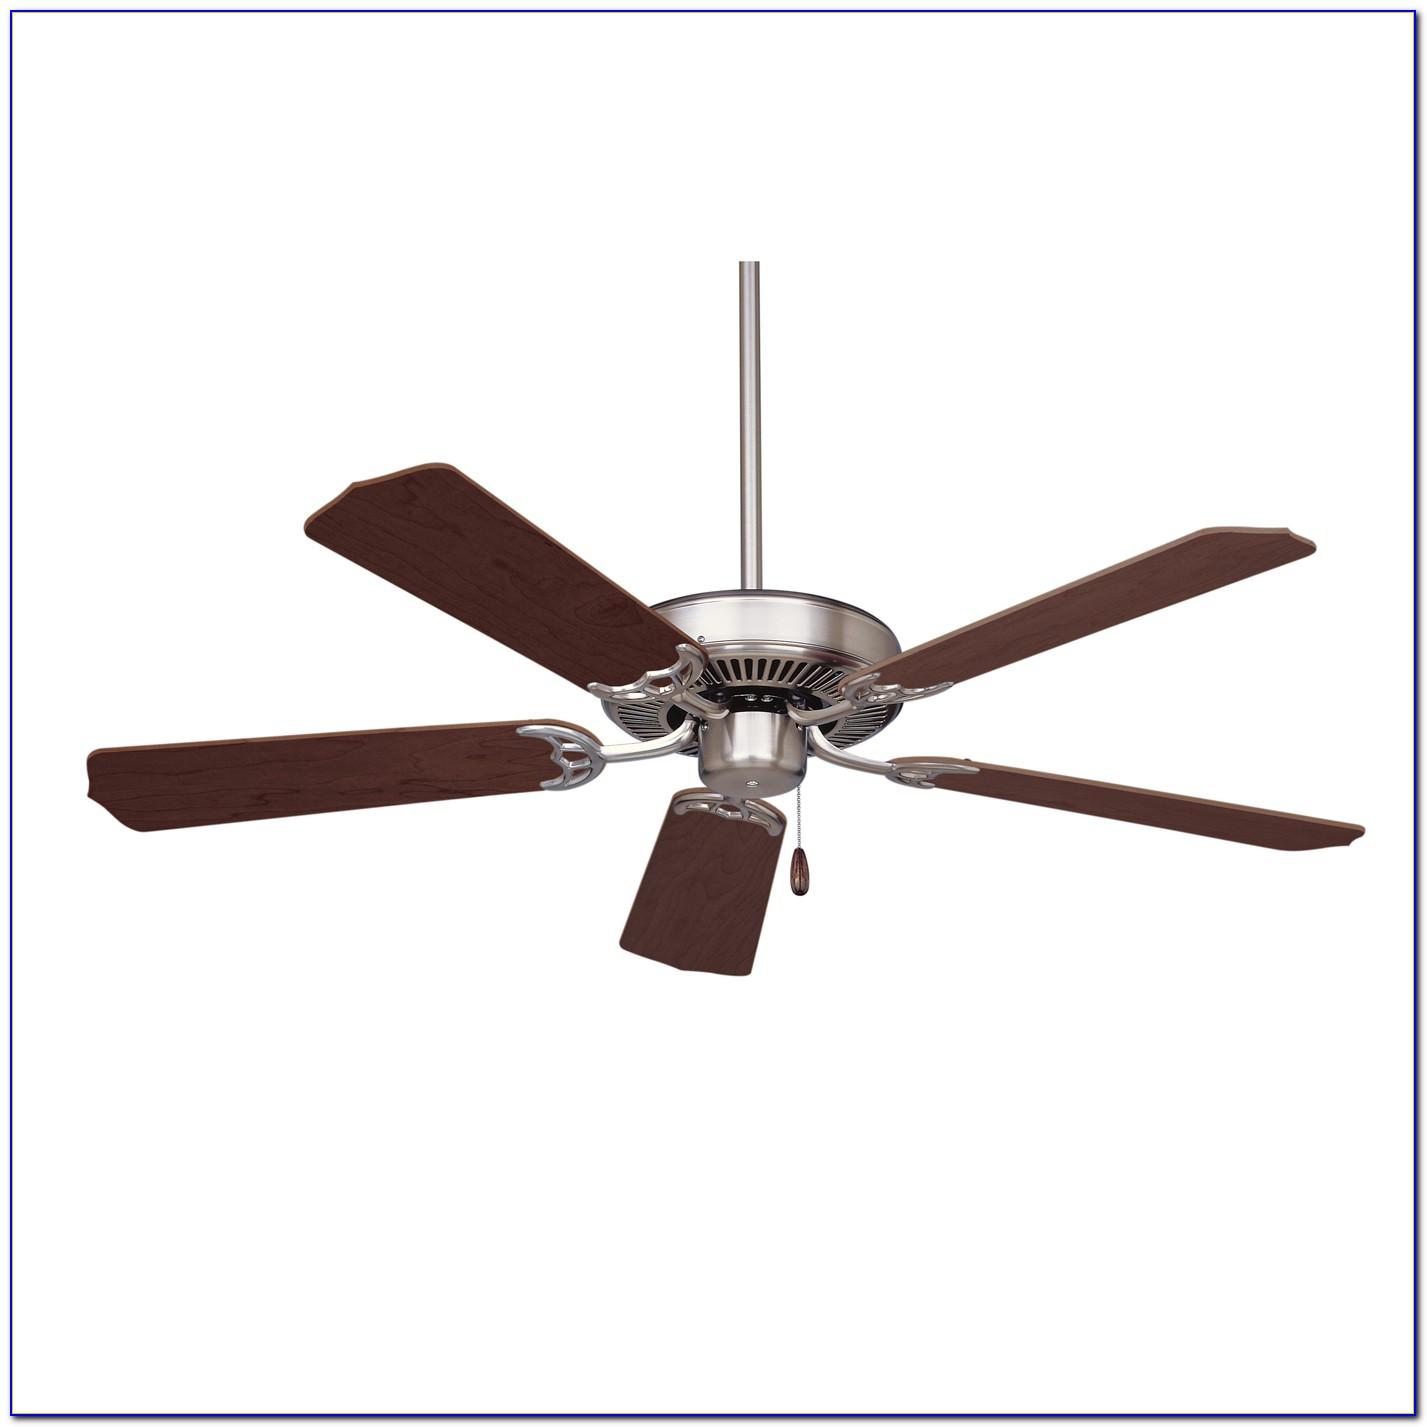 Emerson Loft Ceiling Fan Model Cf765bq